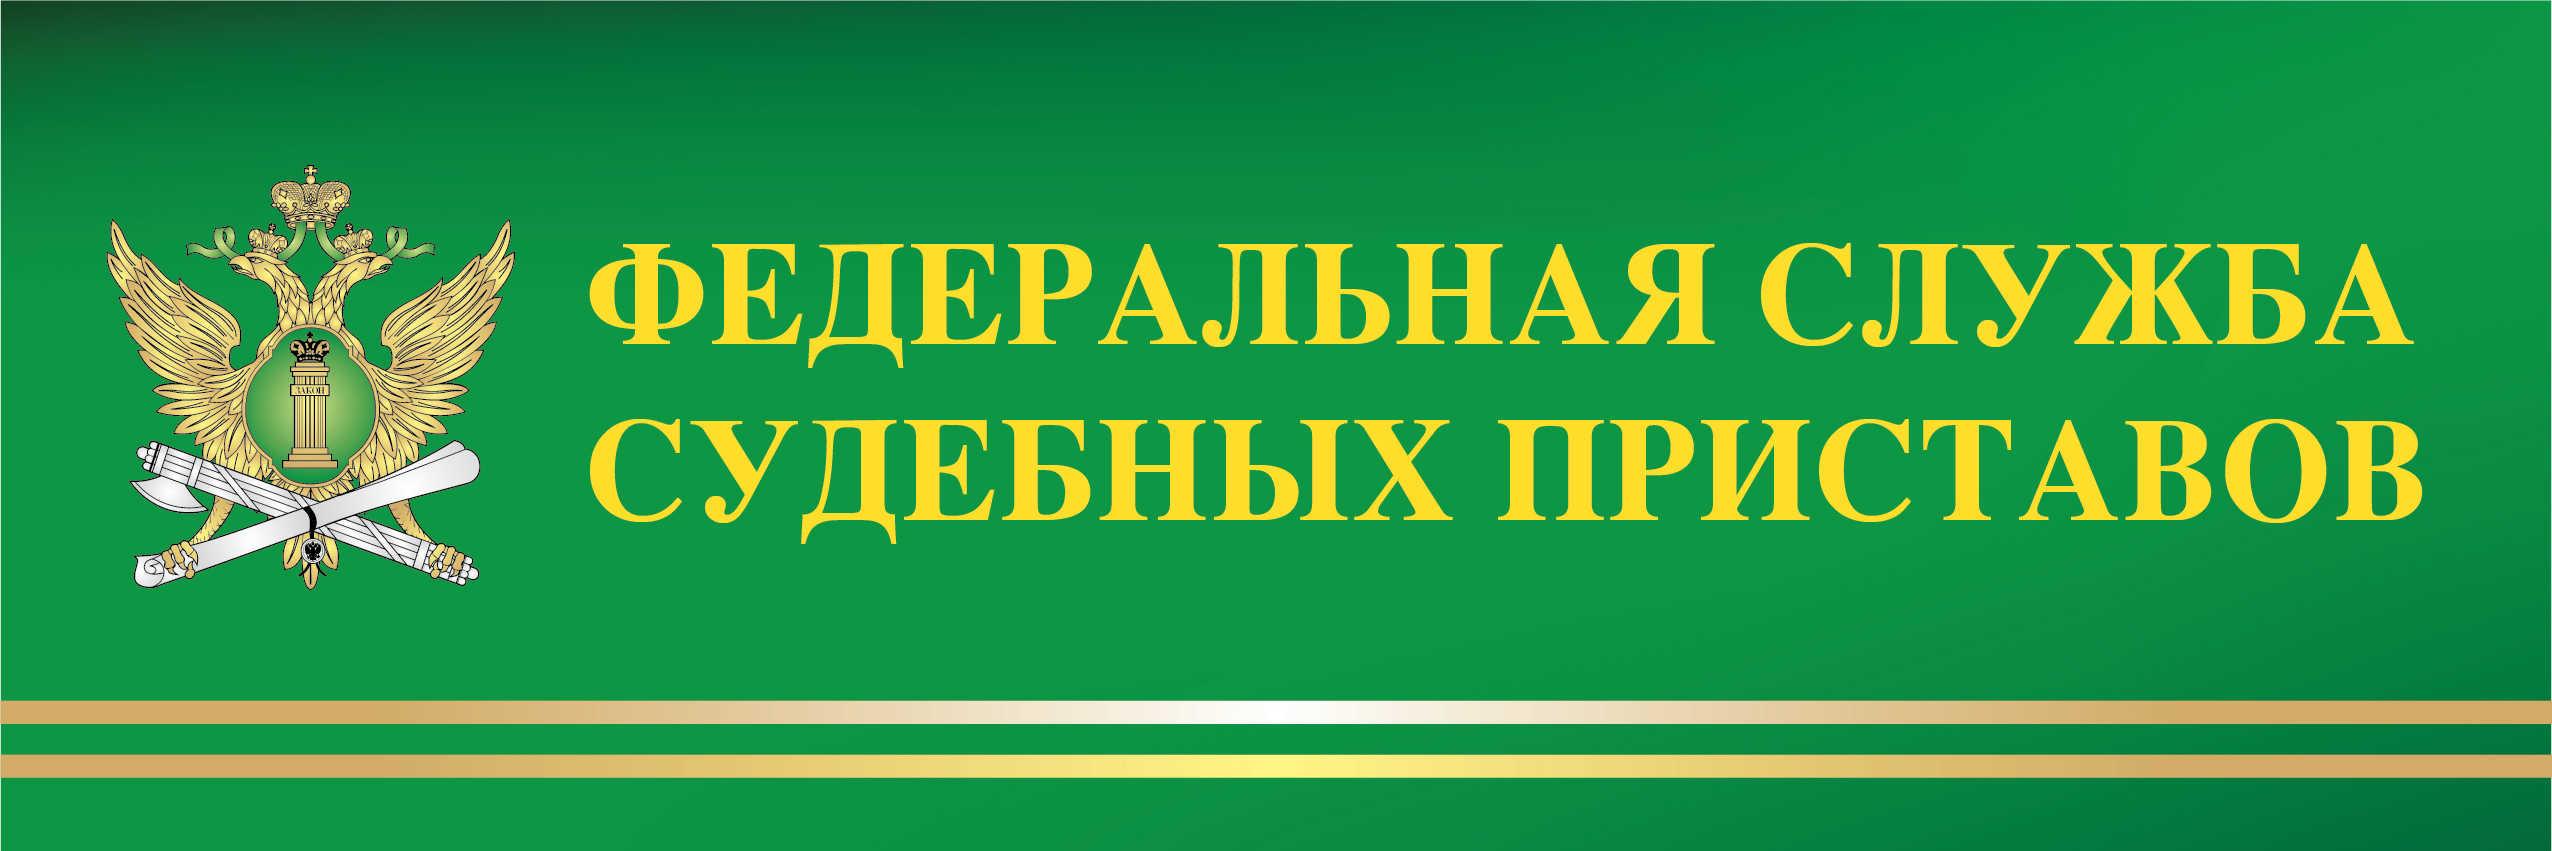 ФССП. Разработка дизайна ролл-апа для службы Судебных приставов.